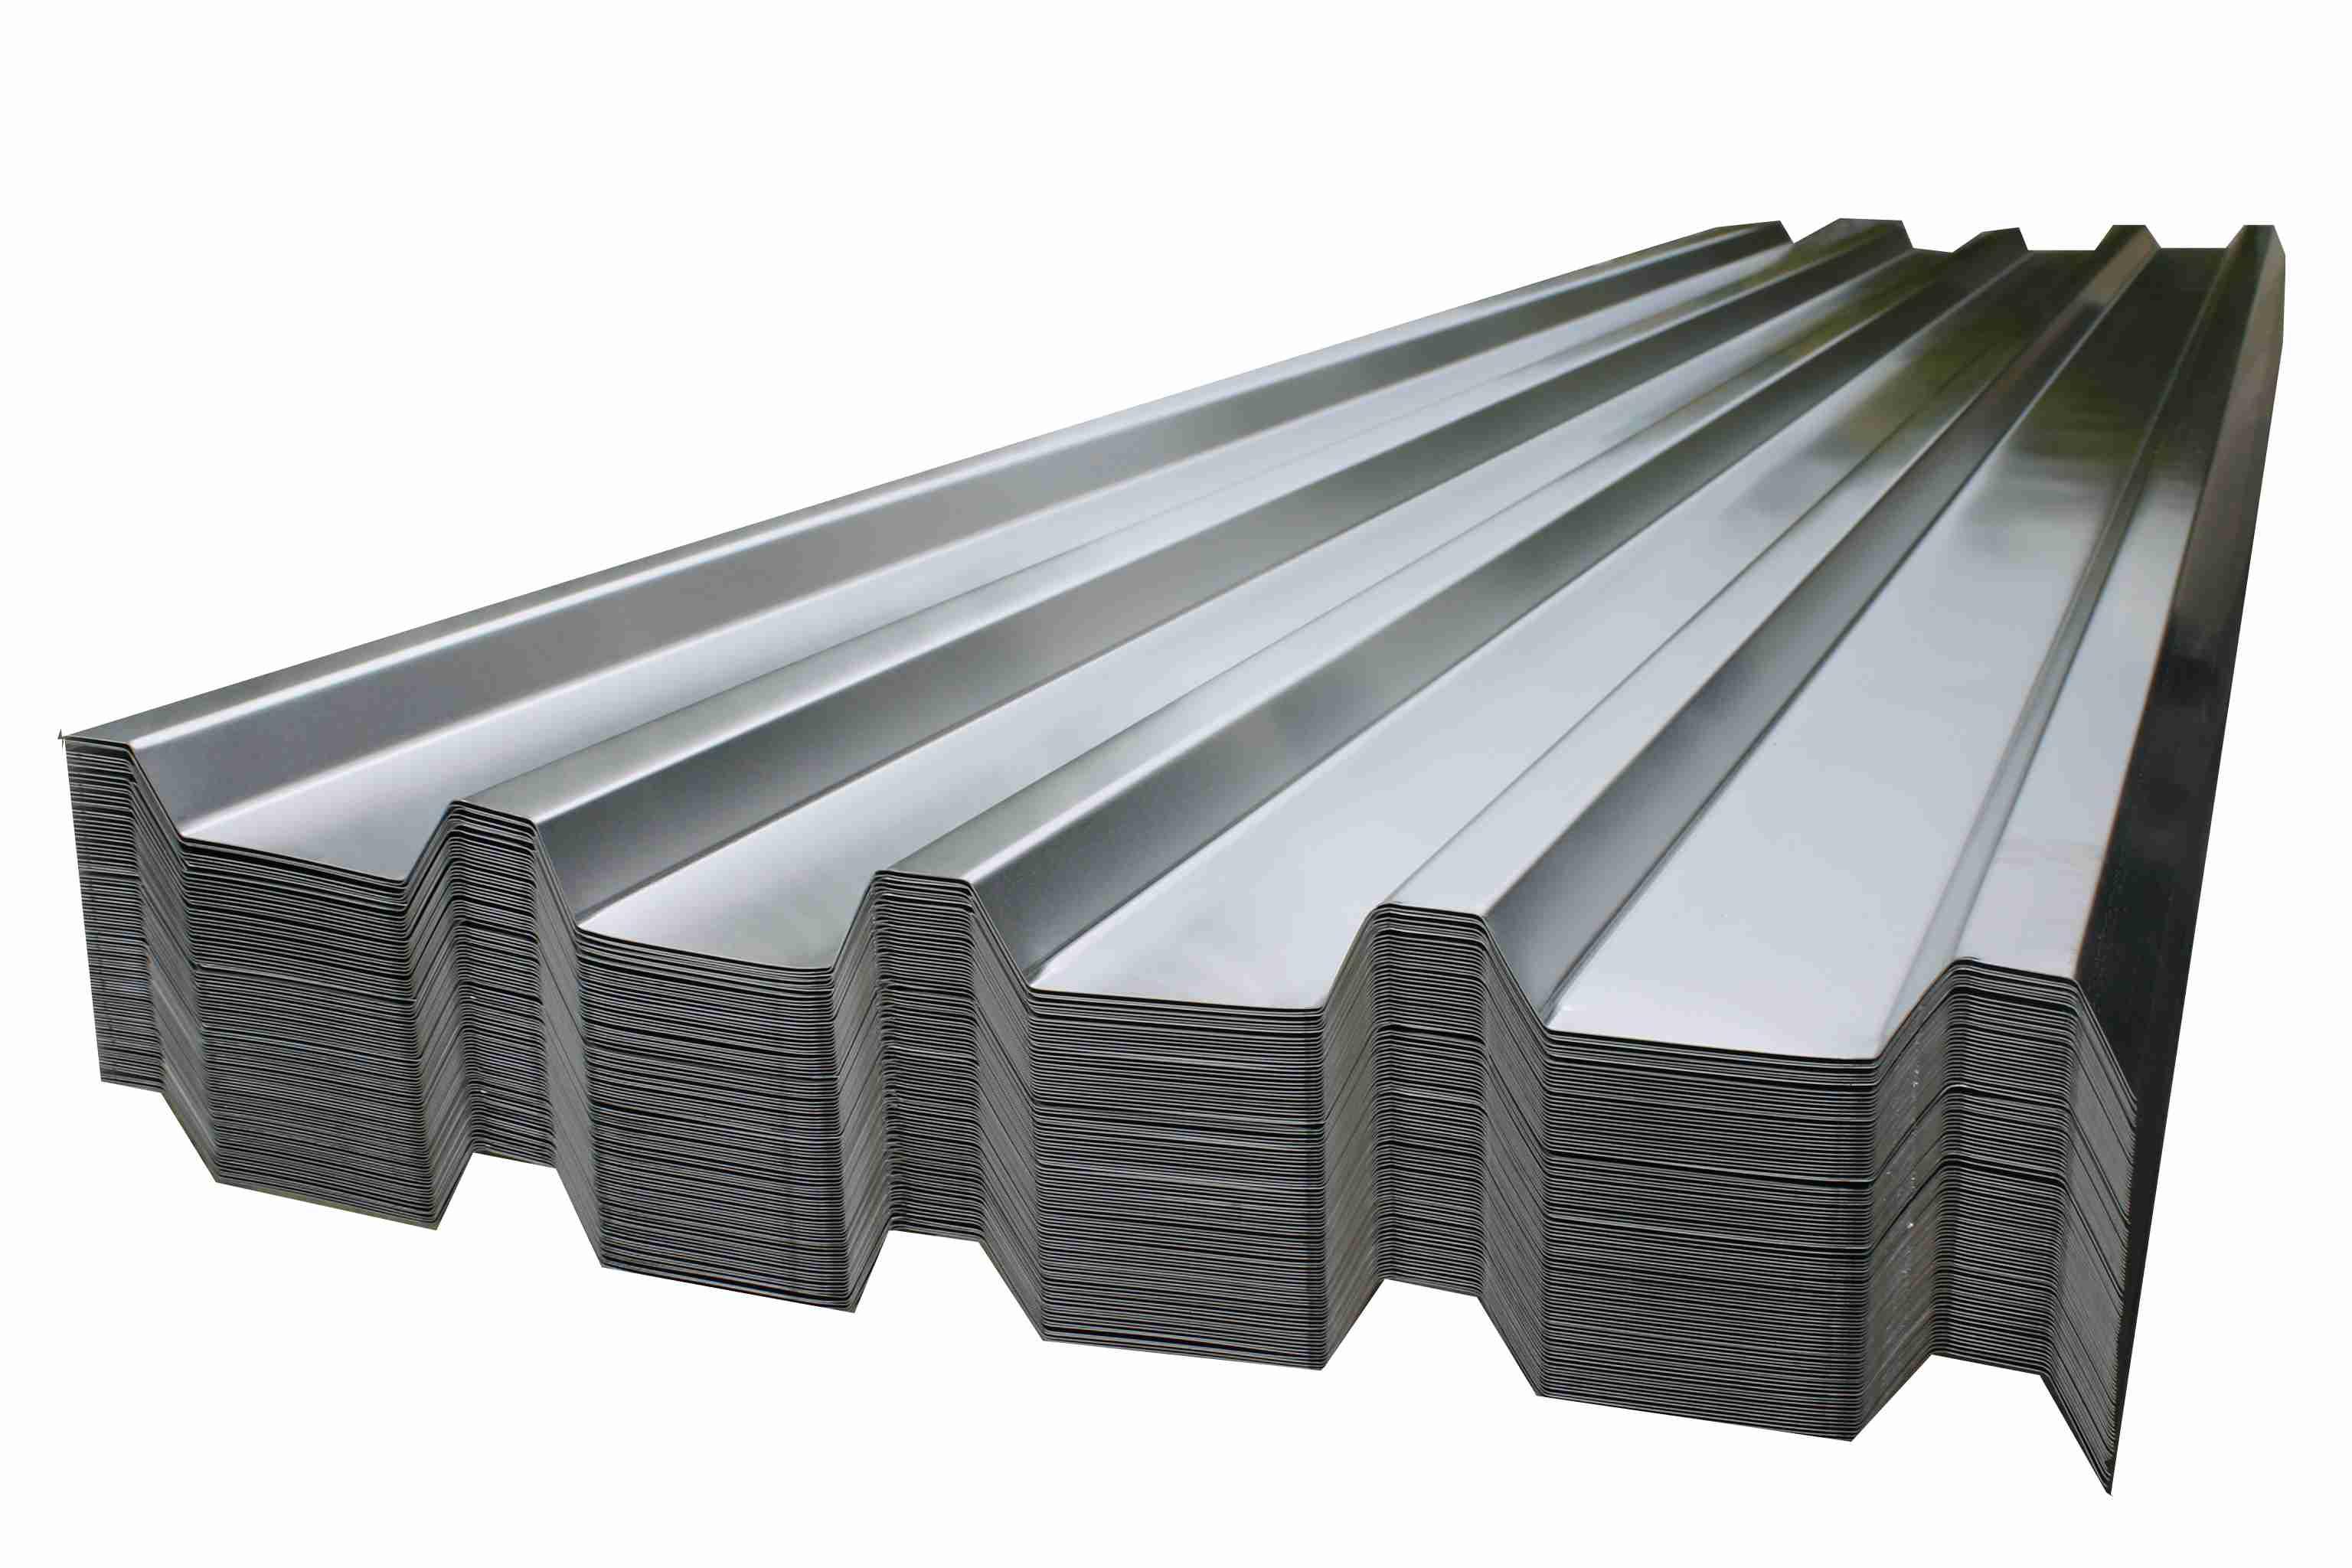 Trapézové plechy - hliníkové krytiny na strechy